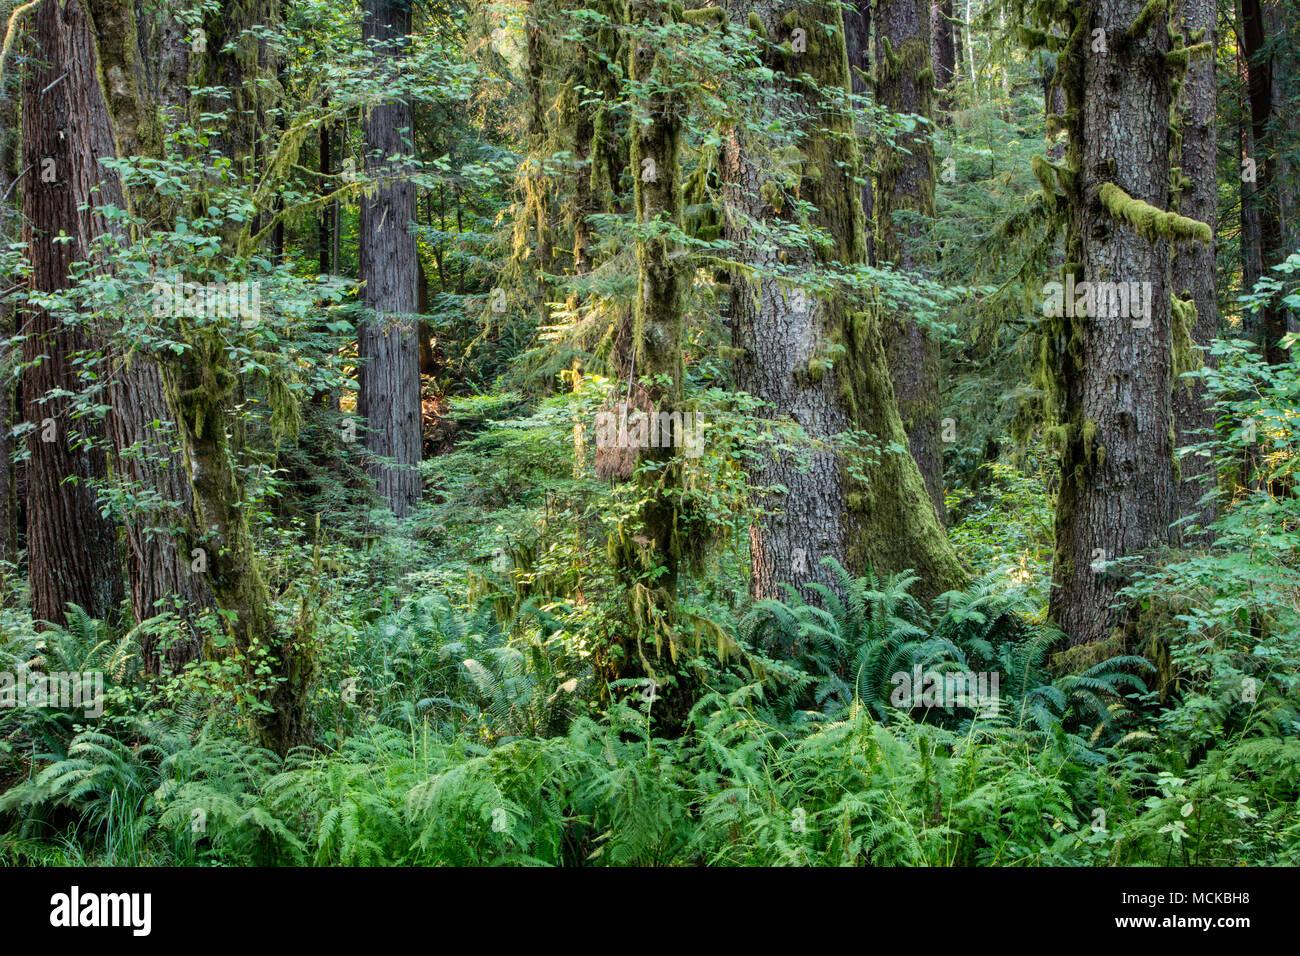 hermosos lugares en california Los Lugares Ms Hermosos De California Imgenes De Stock